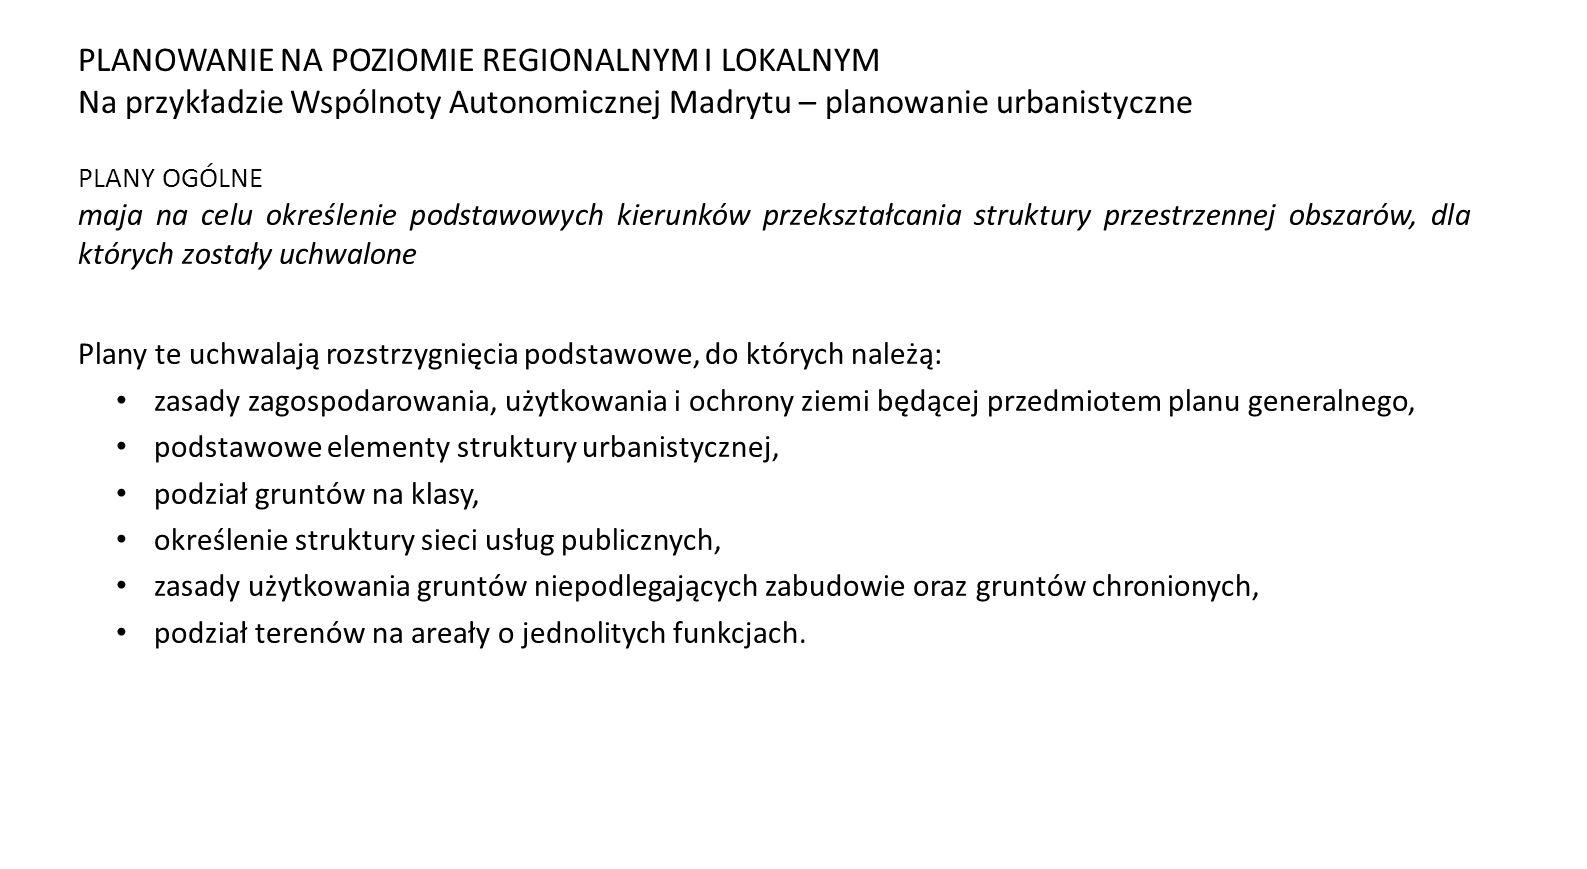 PLANY OGÓLNE maja na celu określenie podstawowych kierunków przekształcania struktury przestrzennej obszarów, dla których zostały uchwalone Plany te u